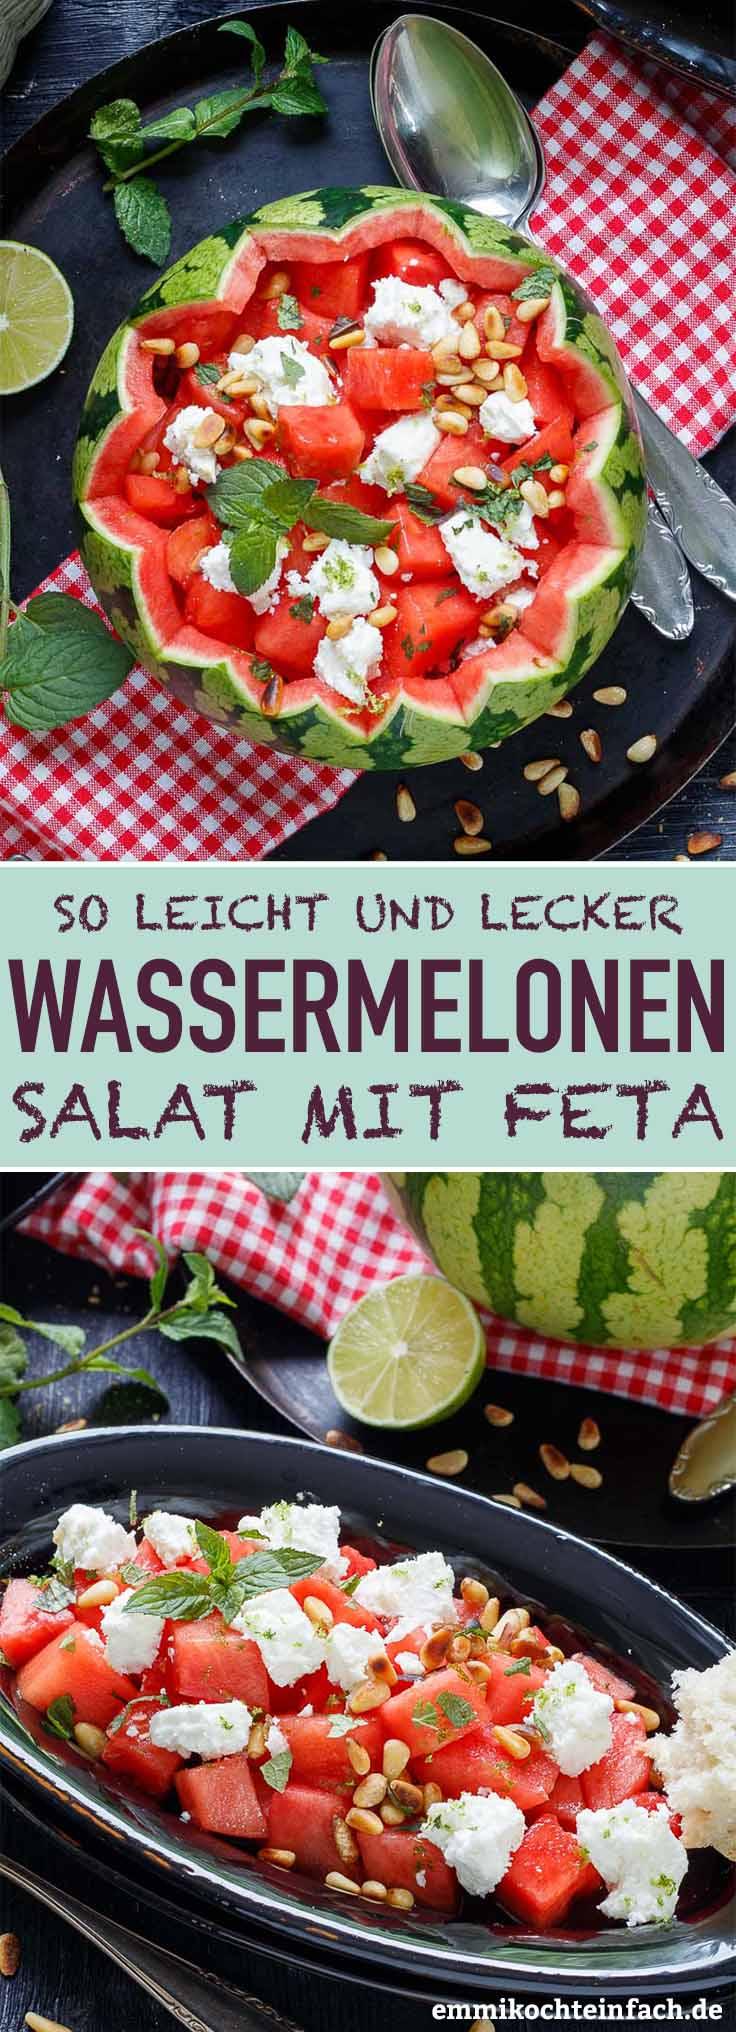 Wassermelonen Salat mit Feta ganz einfach - www.emmikochteinfach.de